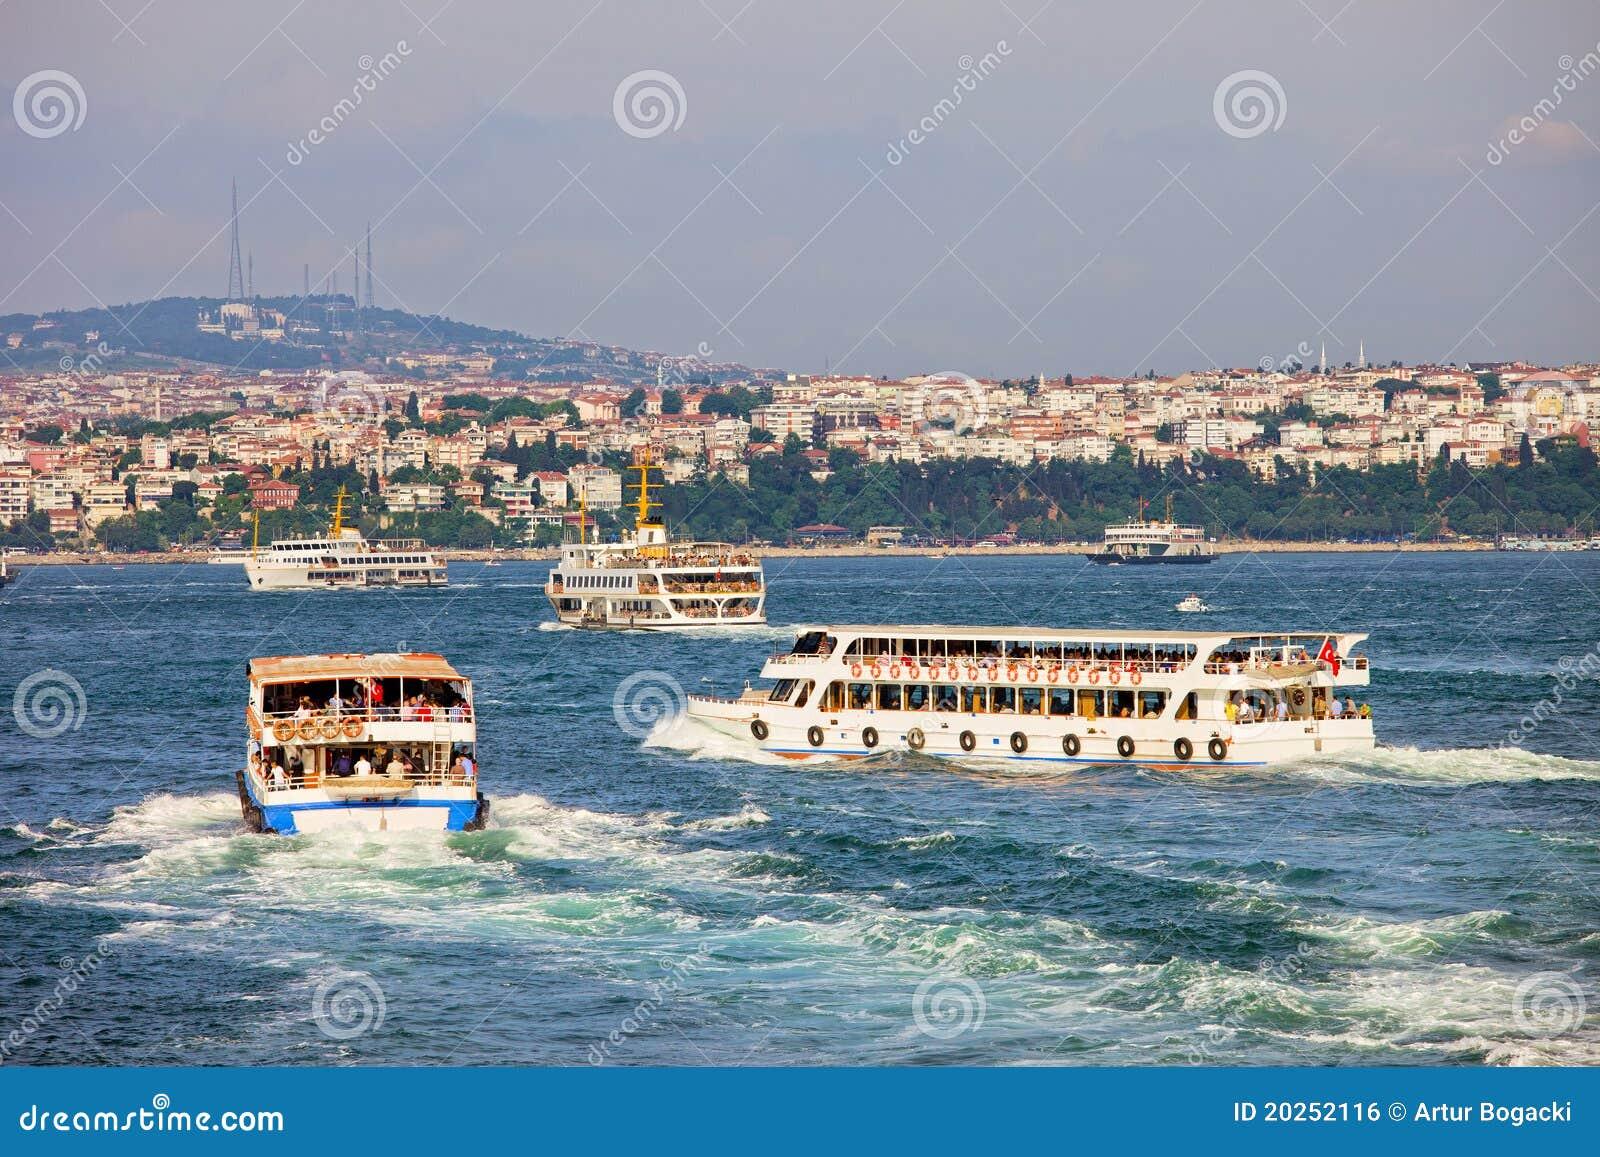 Passenger Boats on Bosphorus Strait